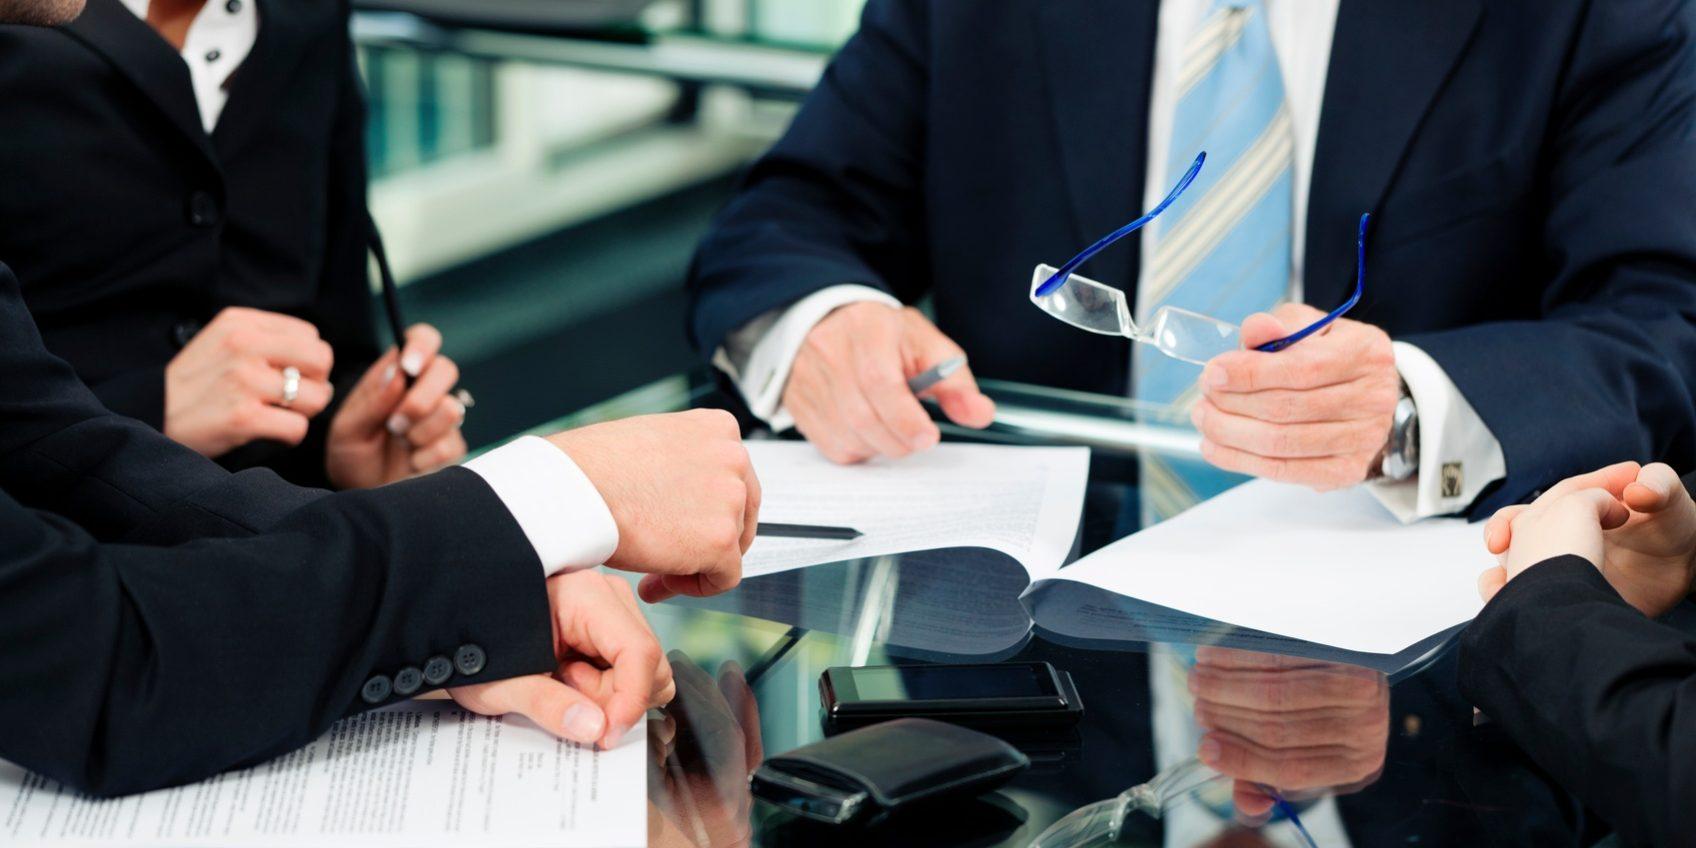 Прикамские юристы консультируют бизнесменов в режиме онлайн